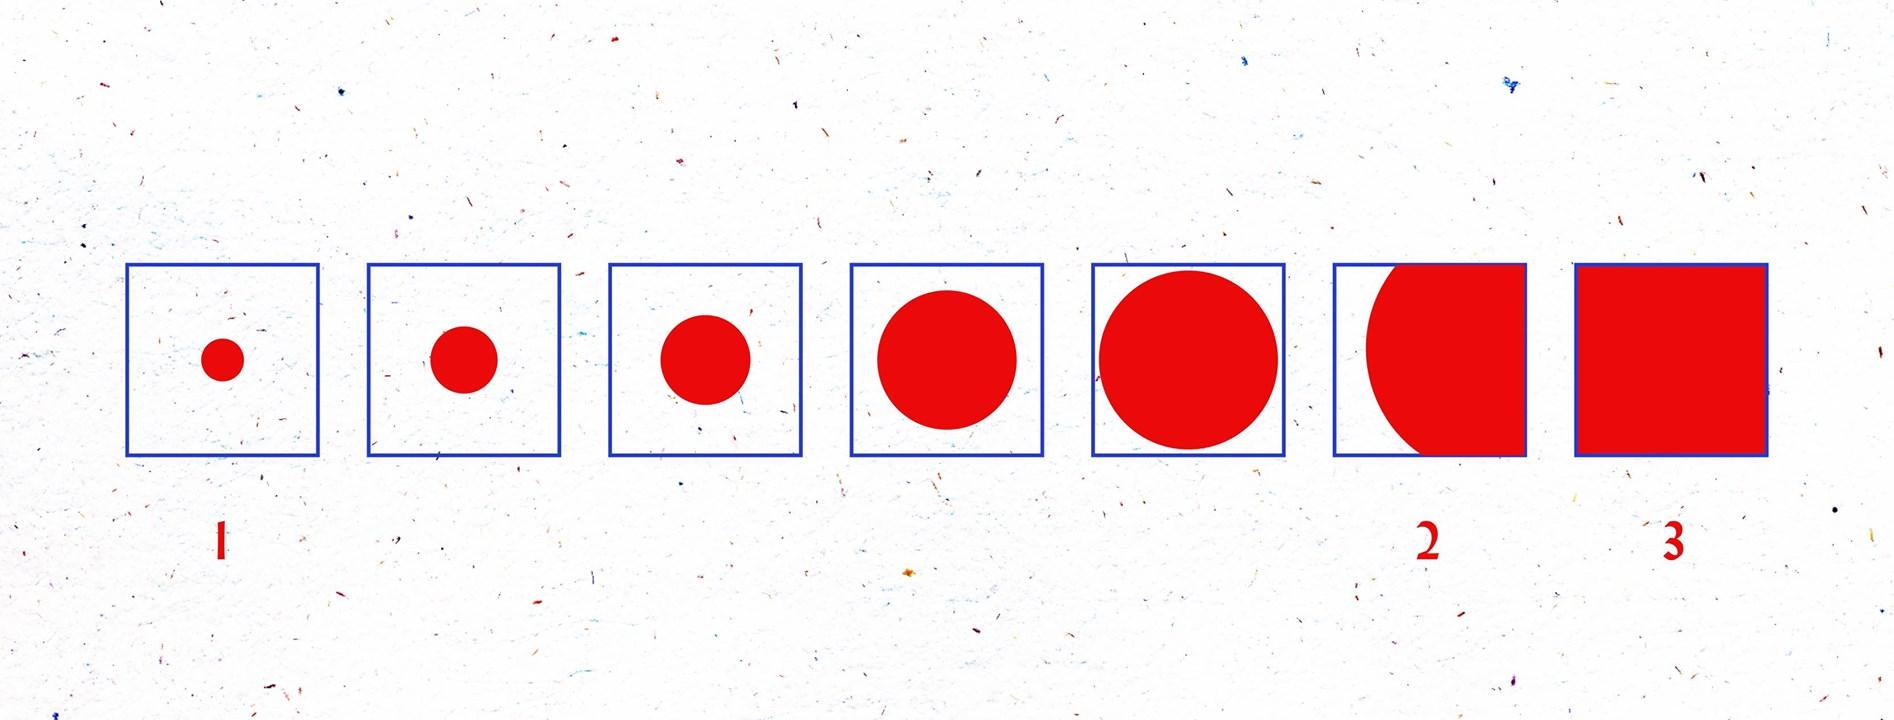 Hình tròn trong 1 grid field